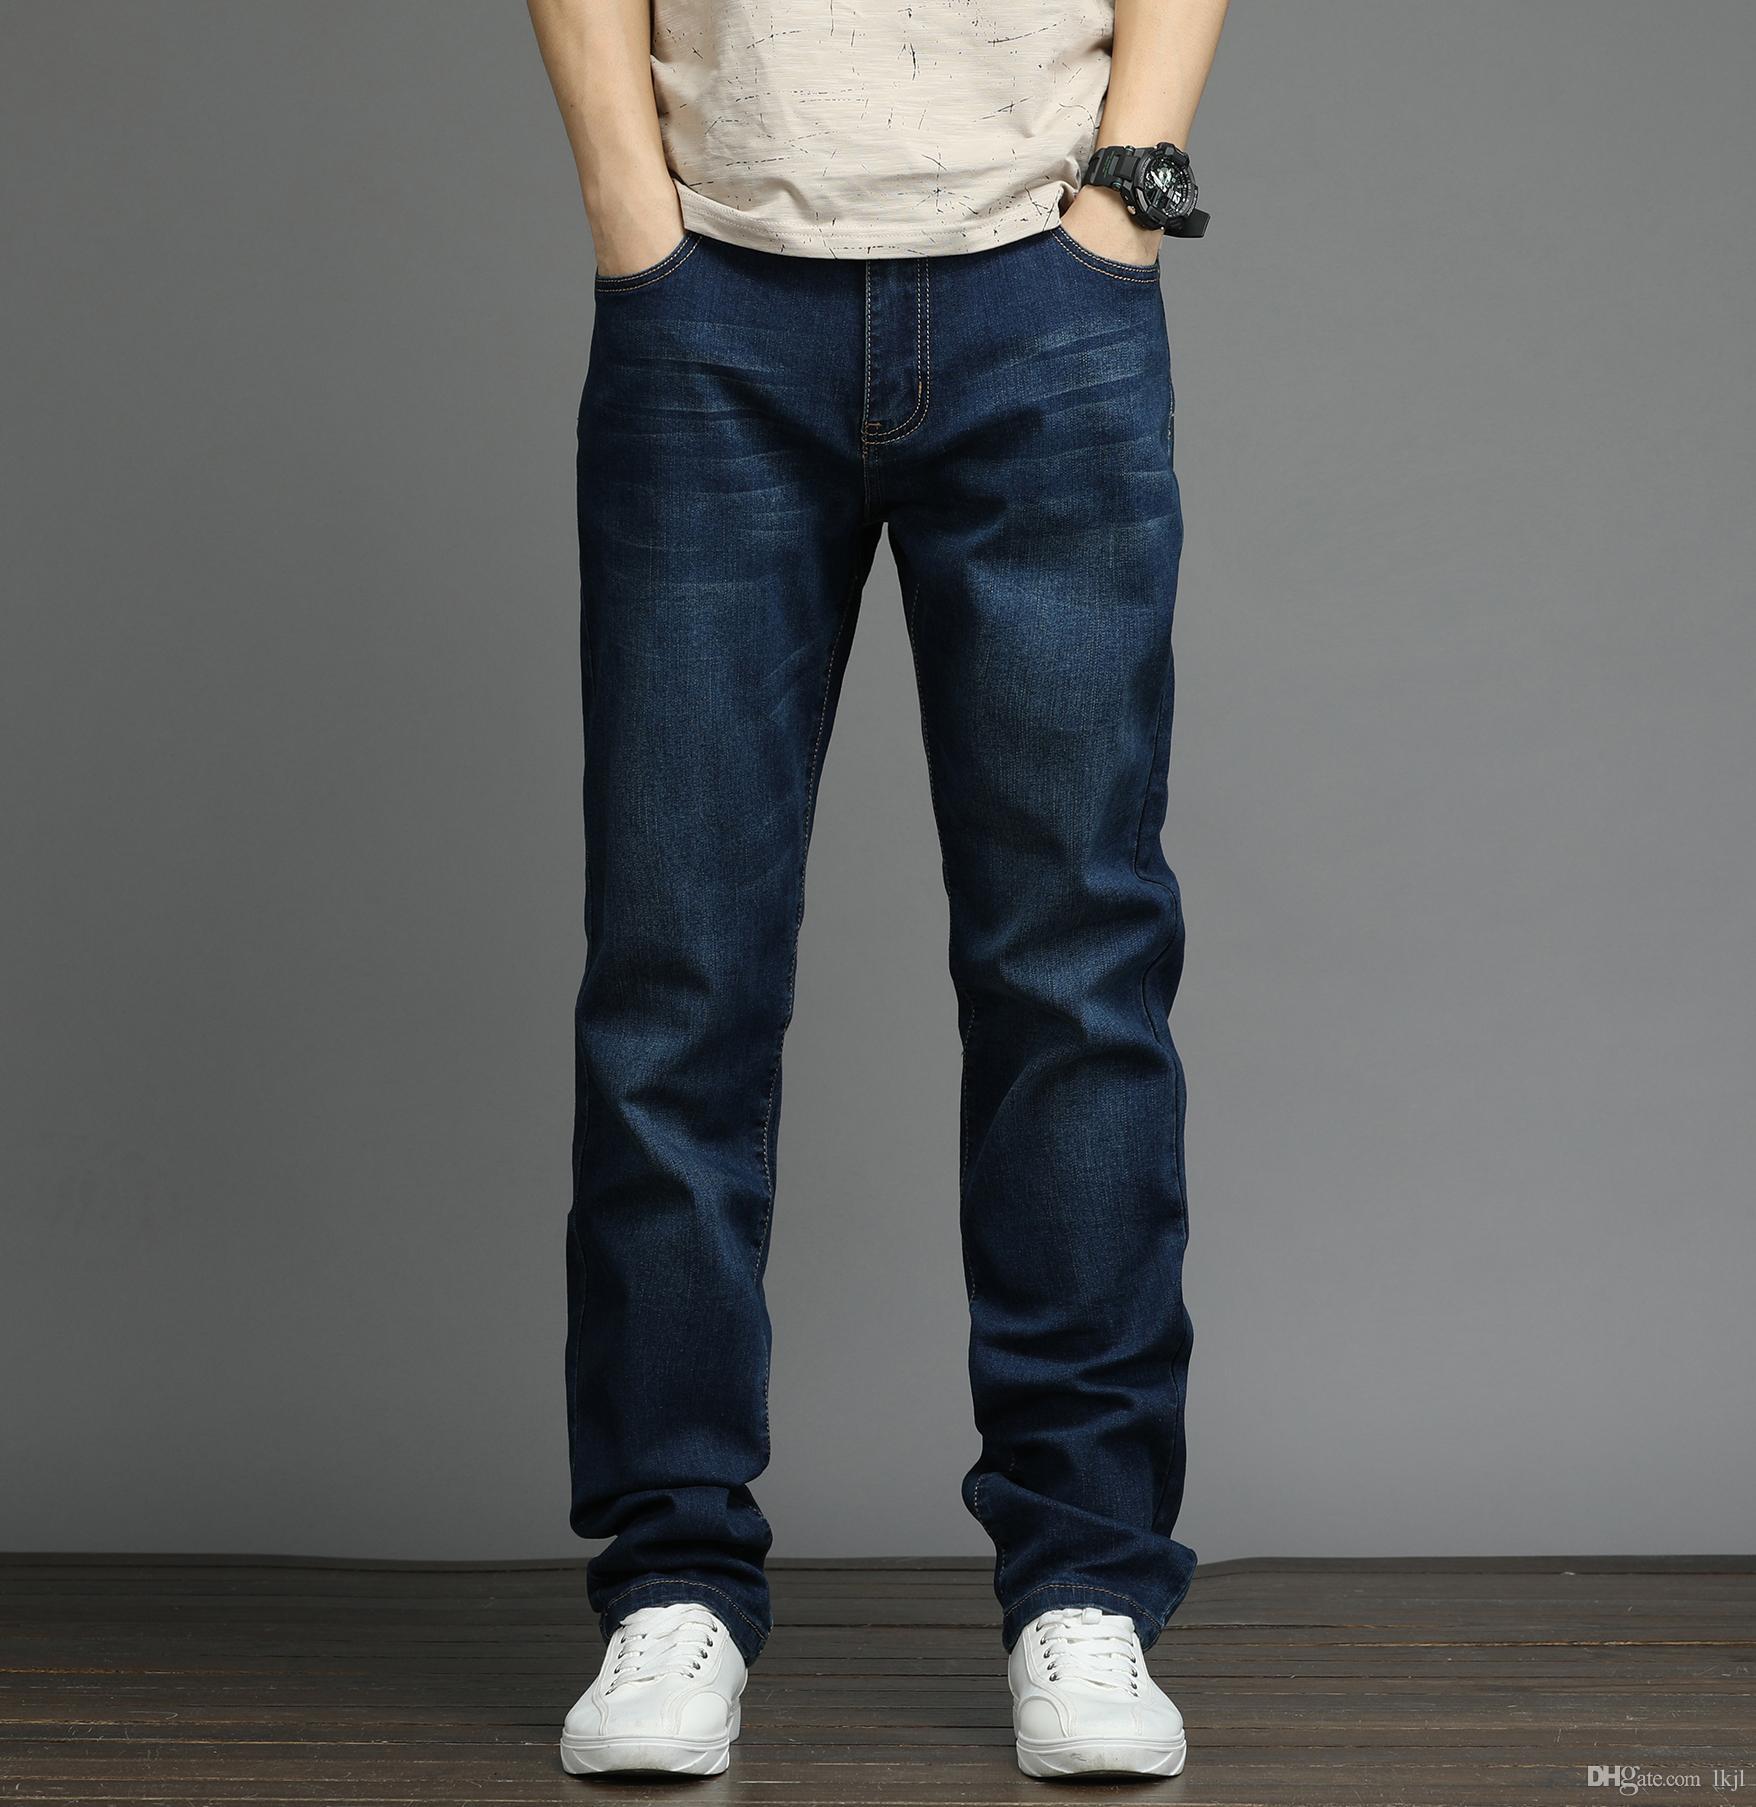 241b19efcb Compre Portlotus Jean Para Hombre Jumbo Talla Holgada Cena Estiramiento  Siéntate Cintura Más Alta Pantalones Más Grandes Pantalones De Cintura  Elástica ...